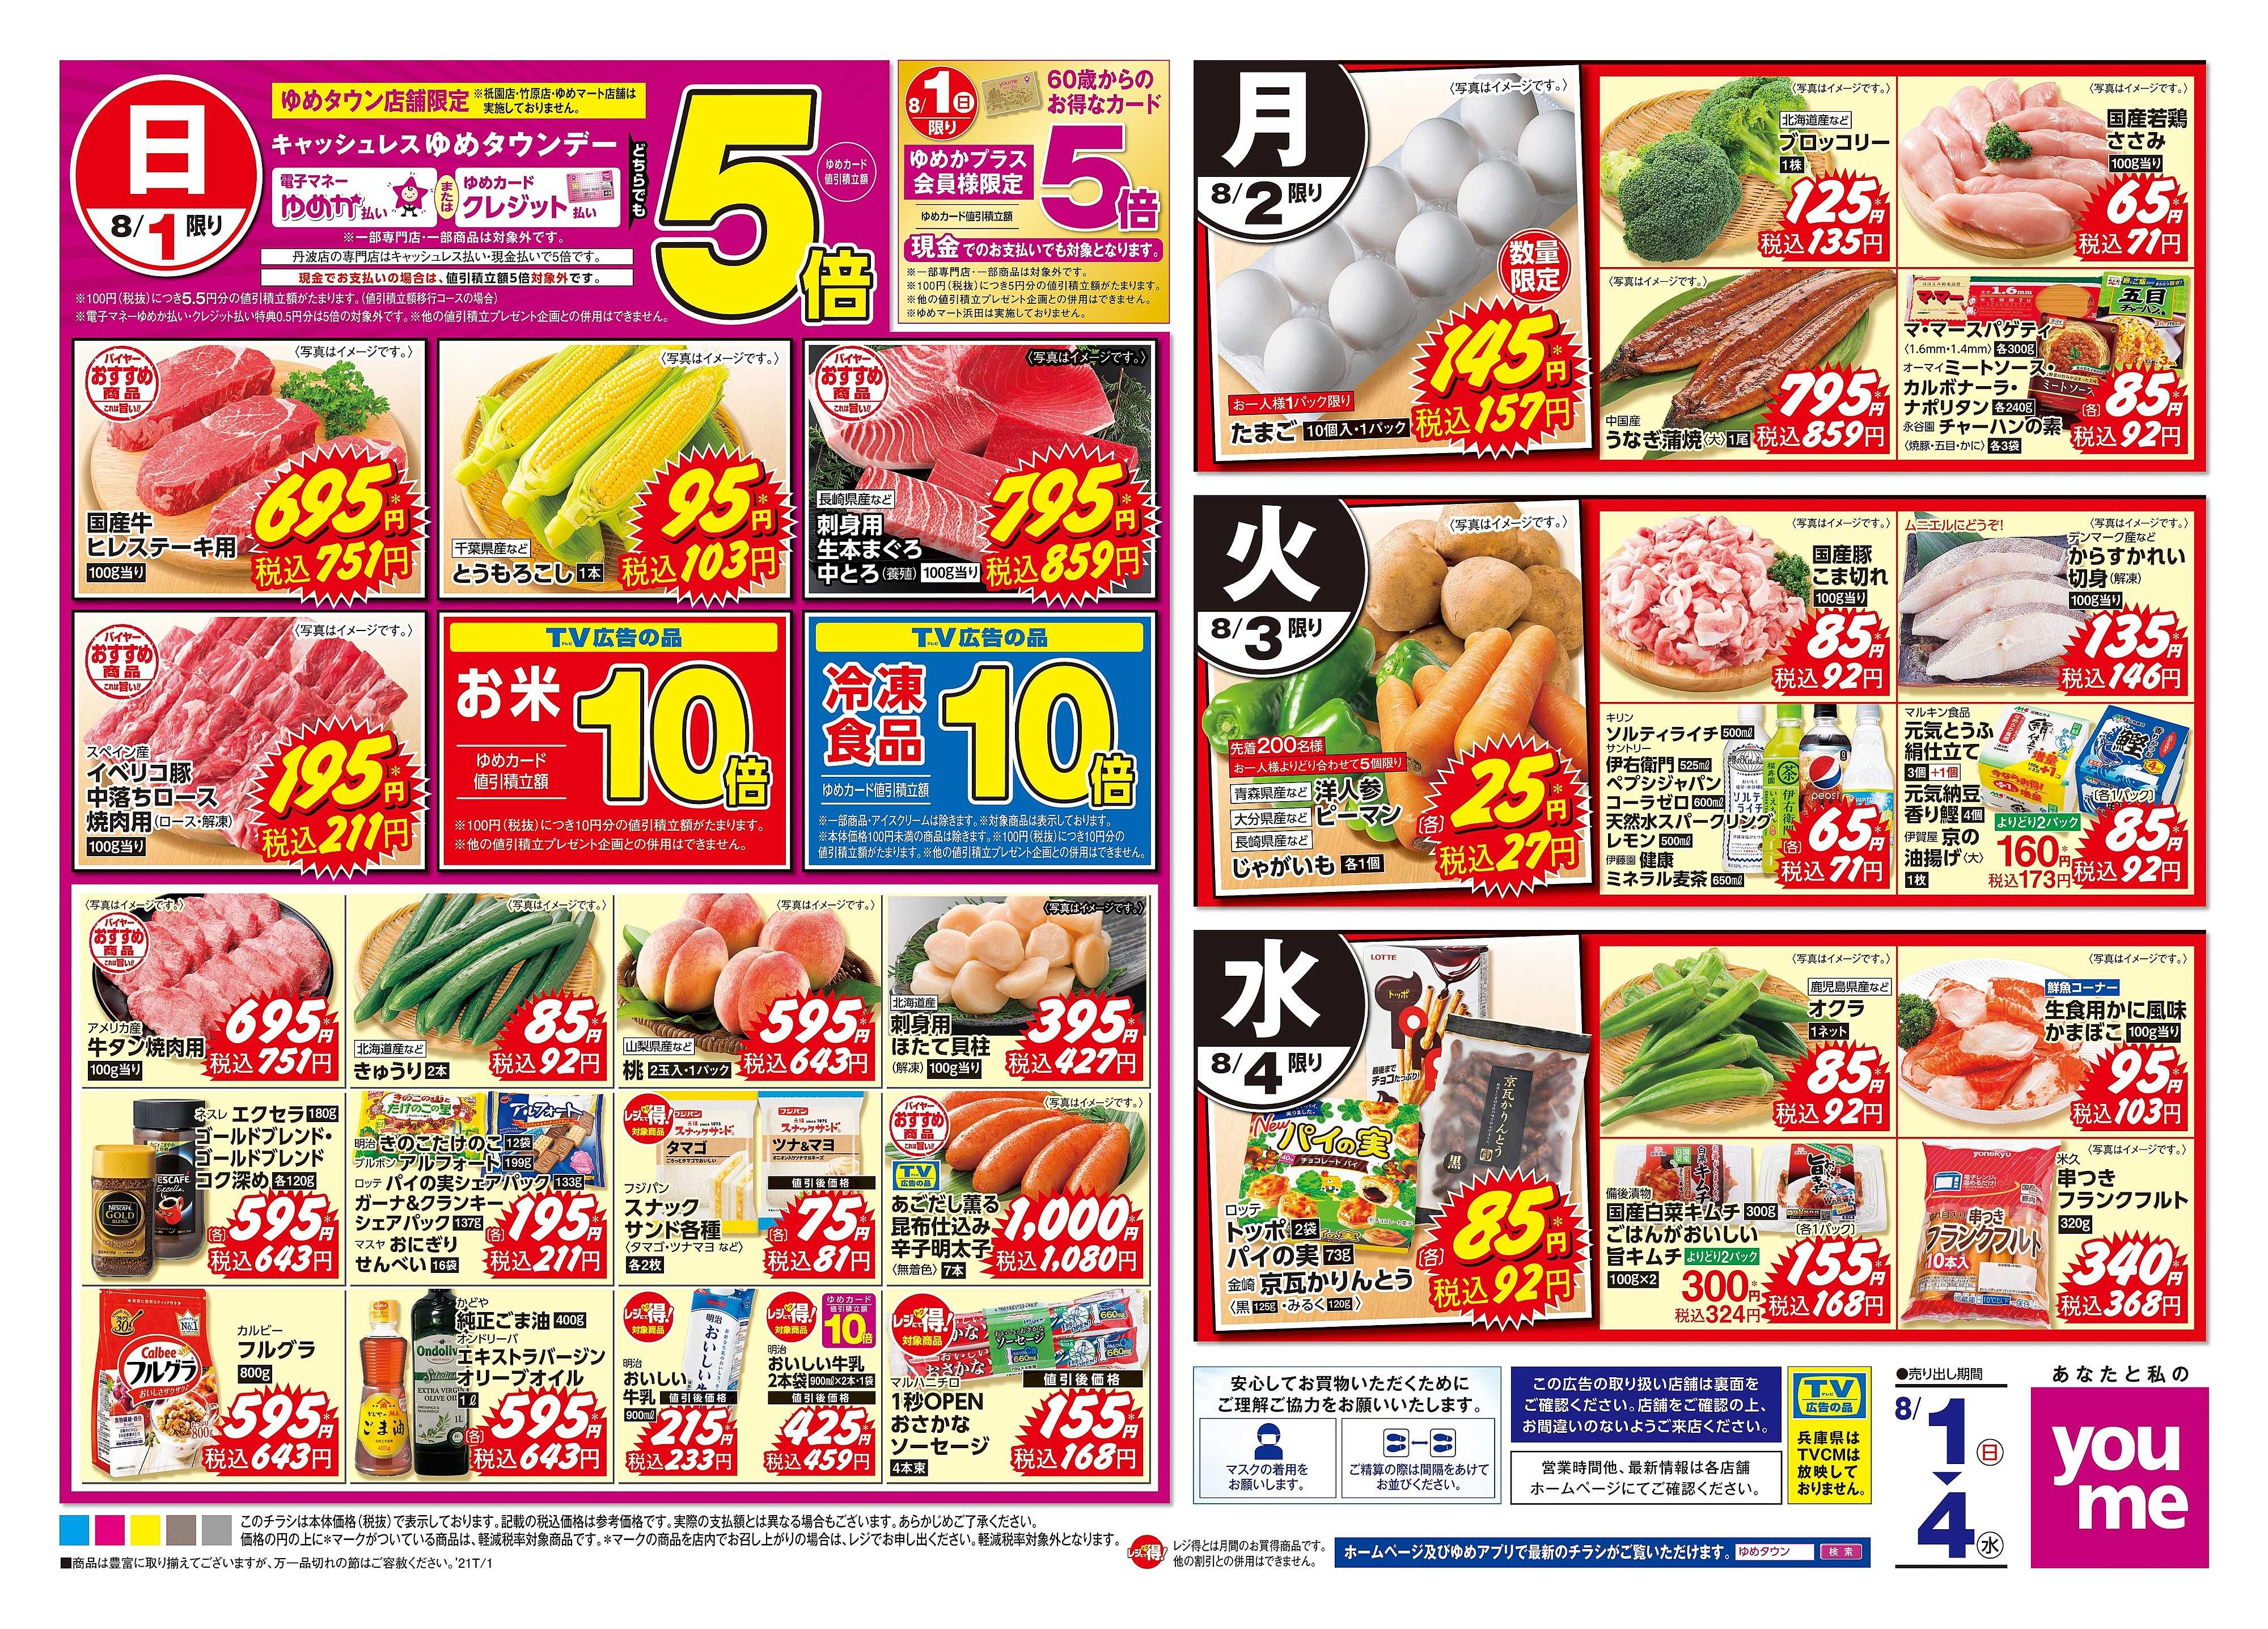 ゆめタウン 8/1(日)-8/4(水)